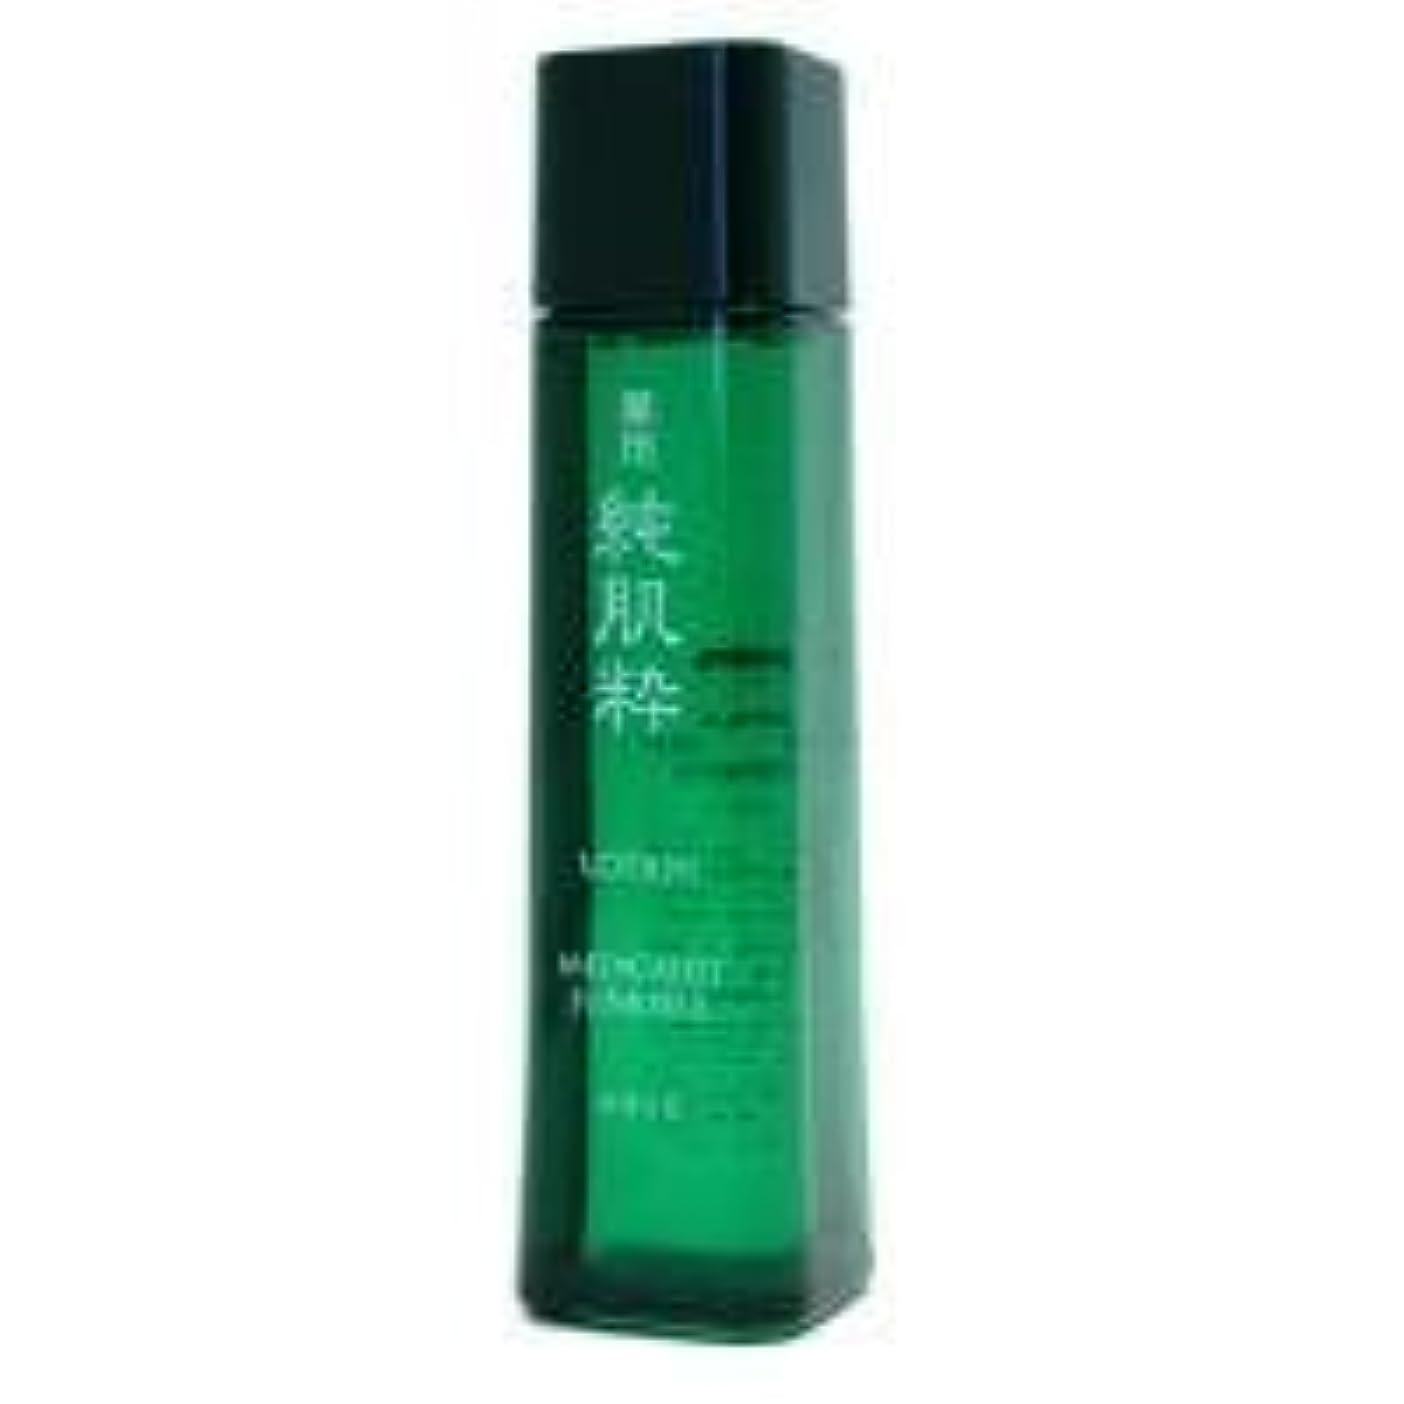 ギャザー野な不屈コーセー 薬用 純肌粋 化粧水 150ml